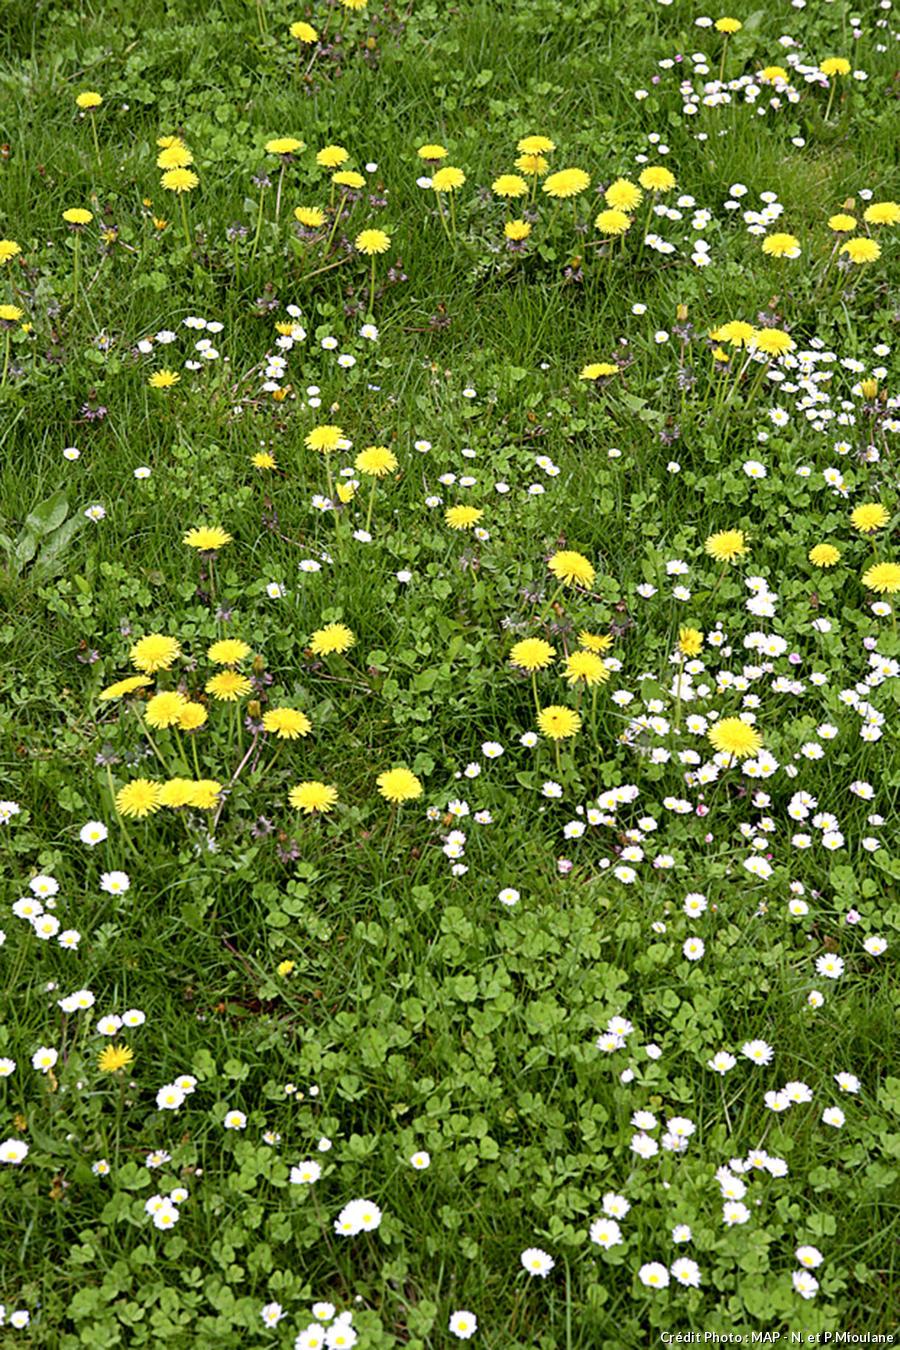 Pelouse recouverte de mauvaises herbes